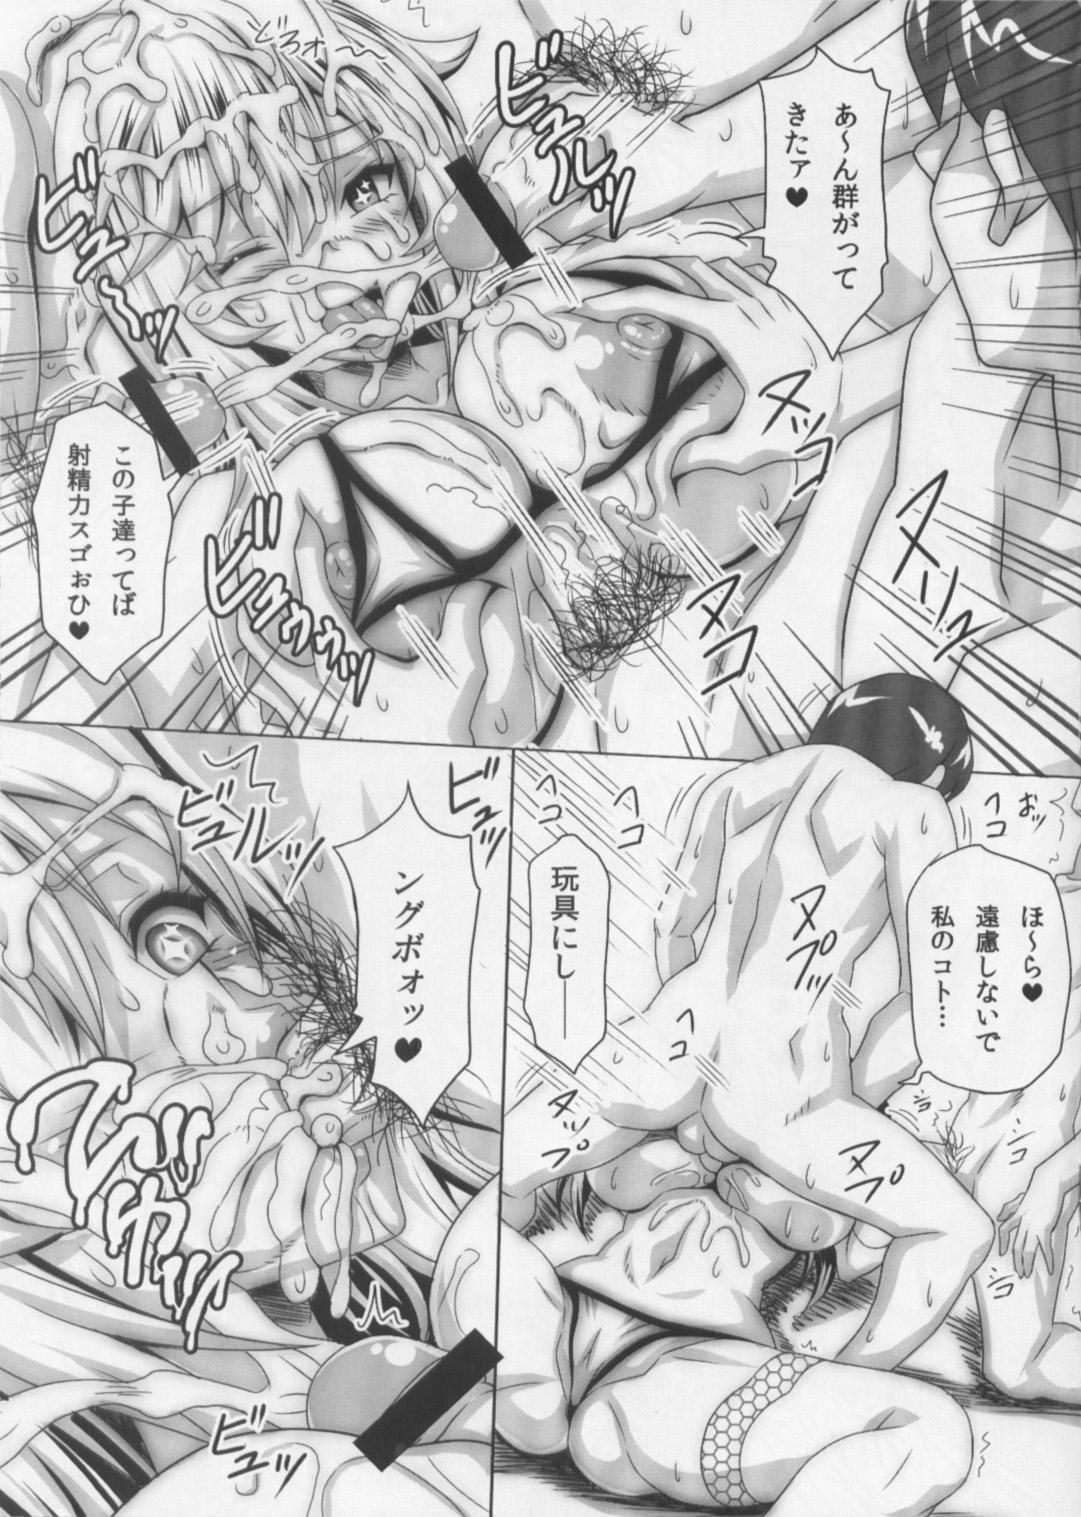 Toaru Hentai Musume no Chou White Out Hou 5